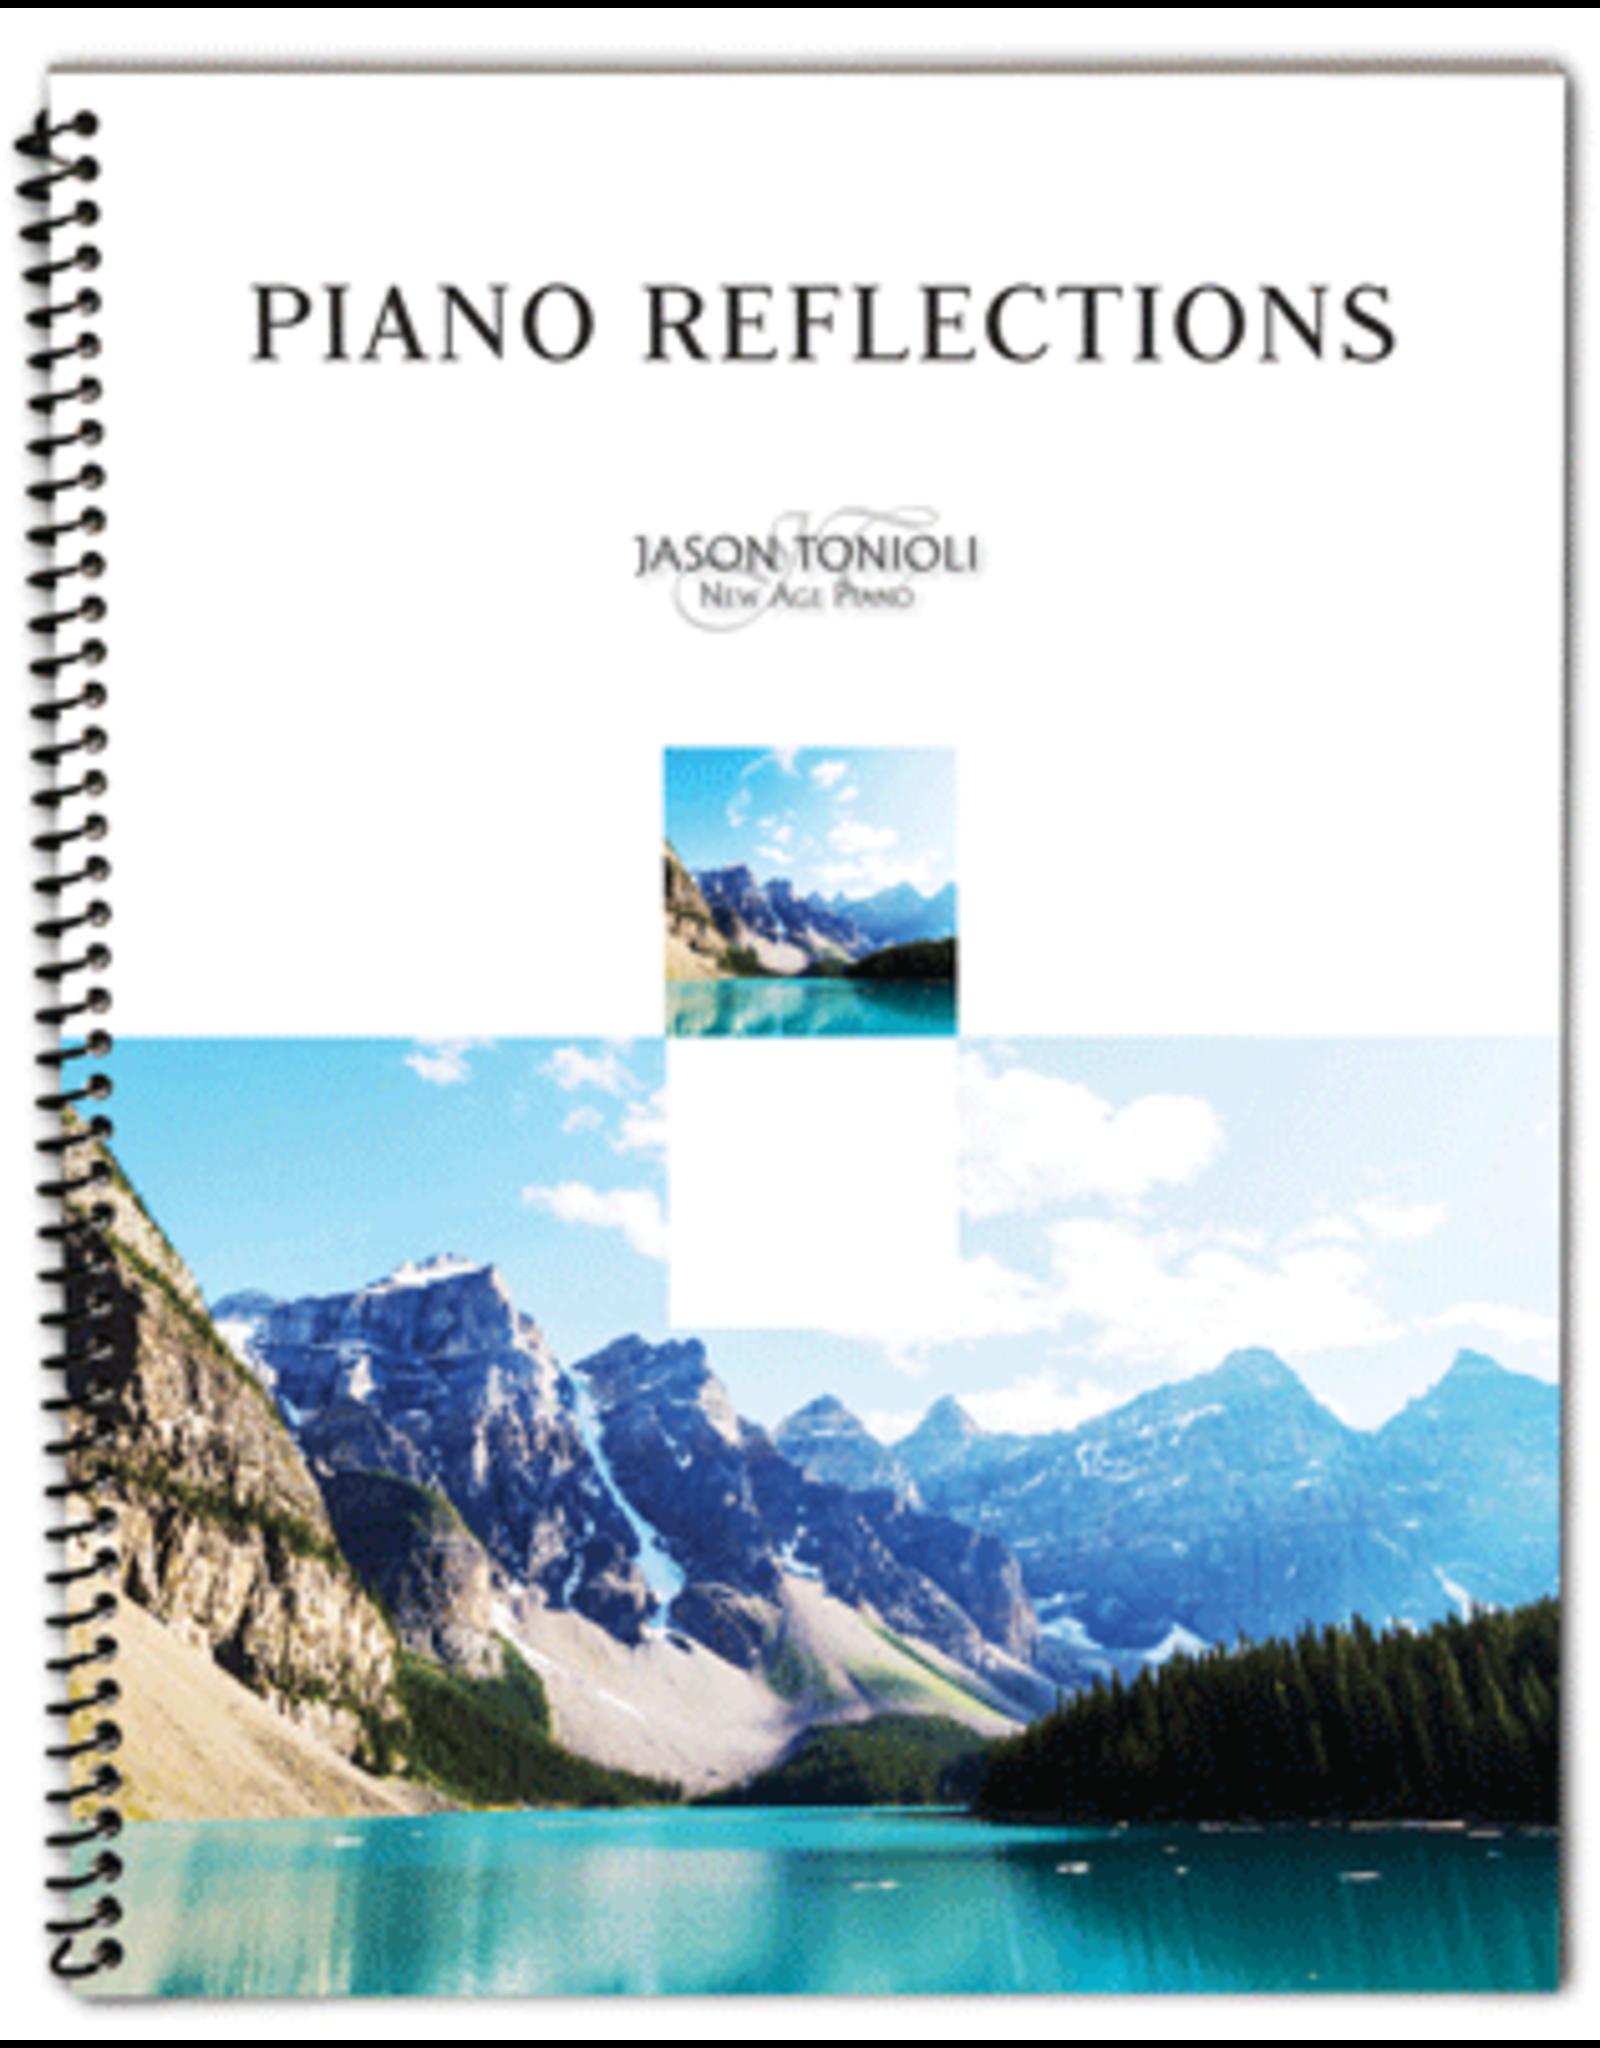 Jason Tonioli Piano Reflections by Jason Tonioli